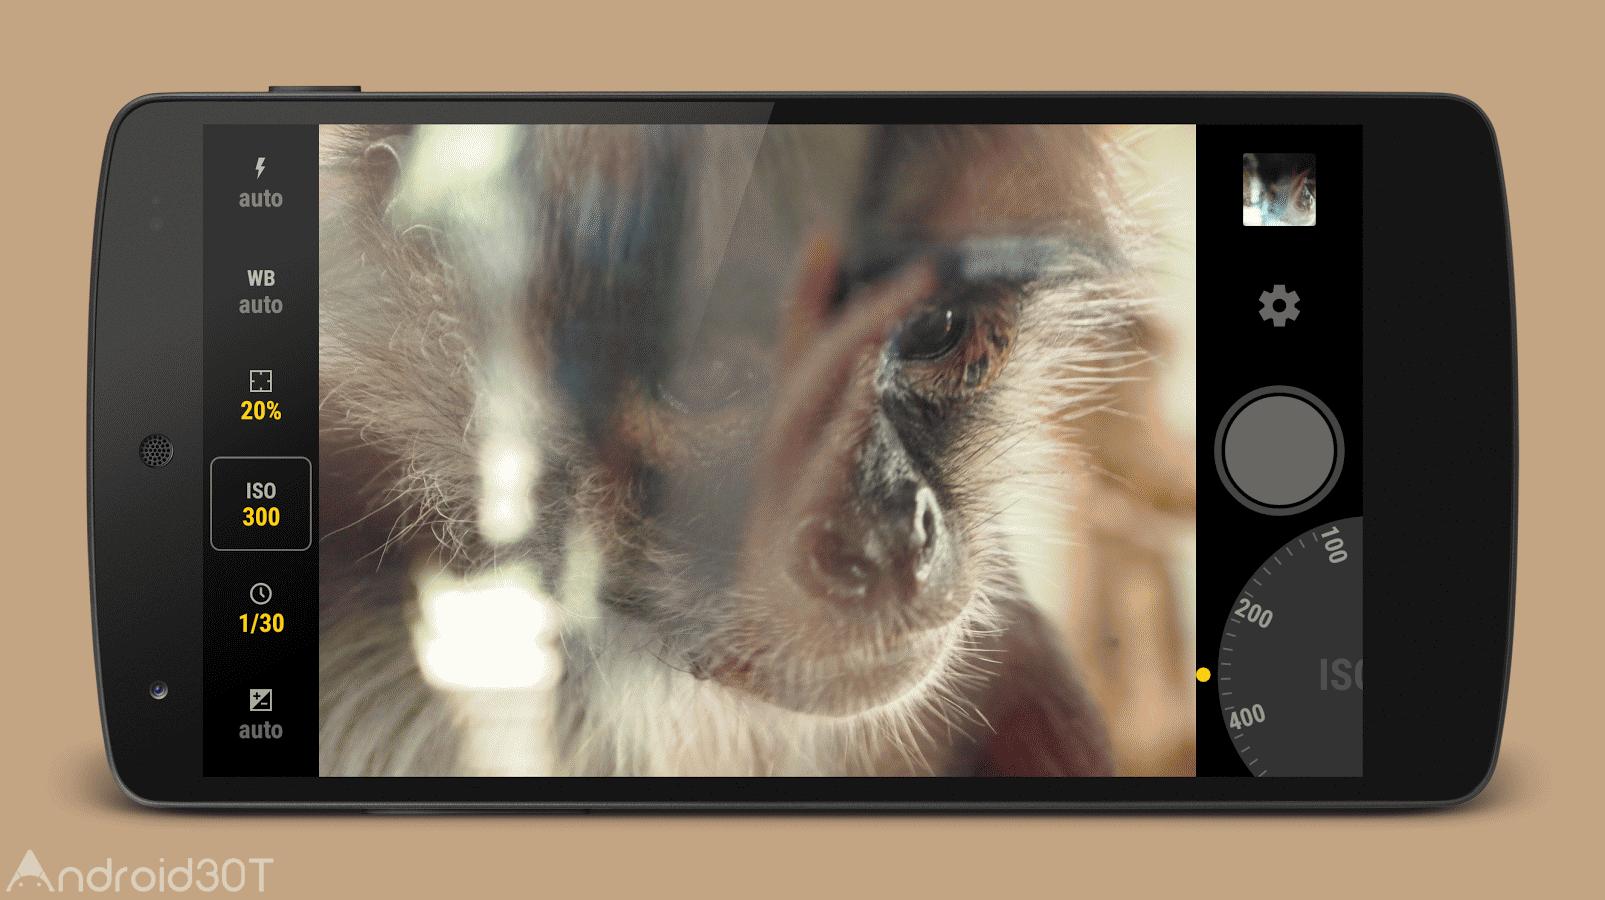 دانلود Manual Camera 3.7.2 – برنامه کاربردی دوربین دستی اندروید